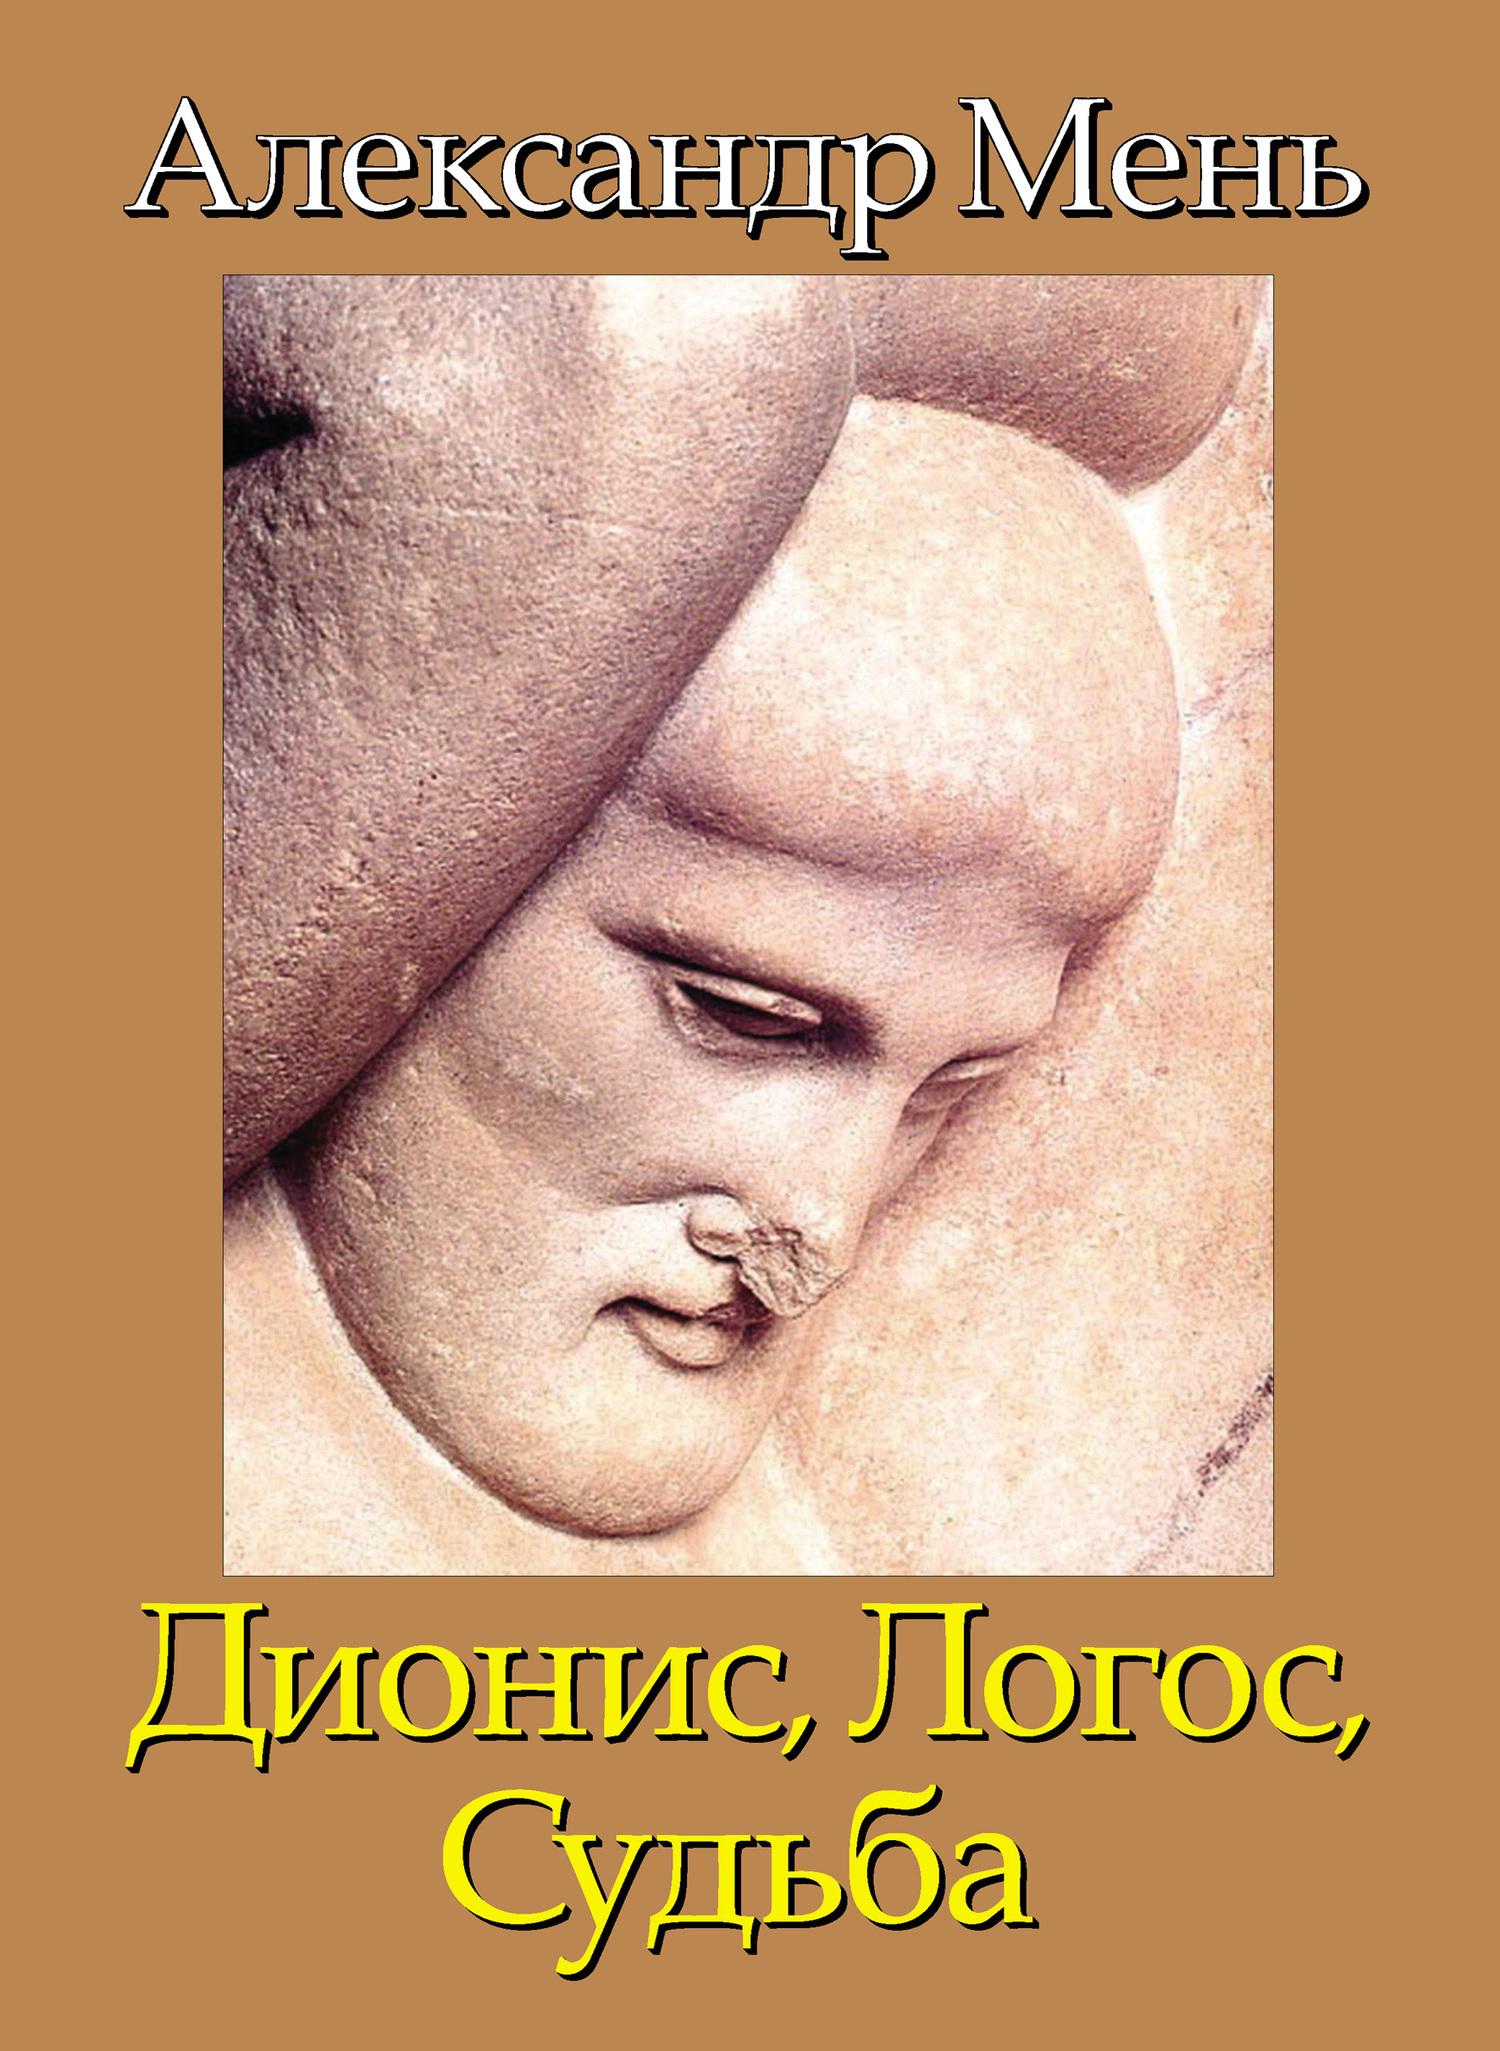 В поисках Пути, Истины и Жизни. Т. 4: Дионис, Логос, Судьба: Греческая религия и философия от эпох колонизации до Александра